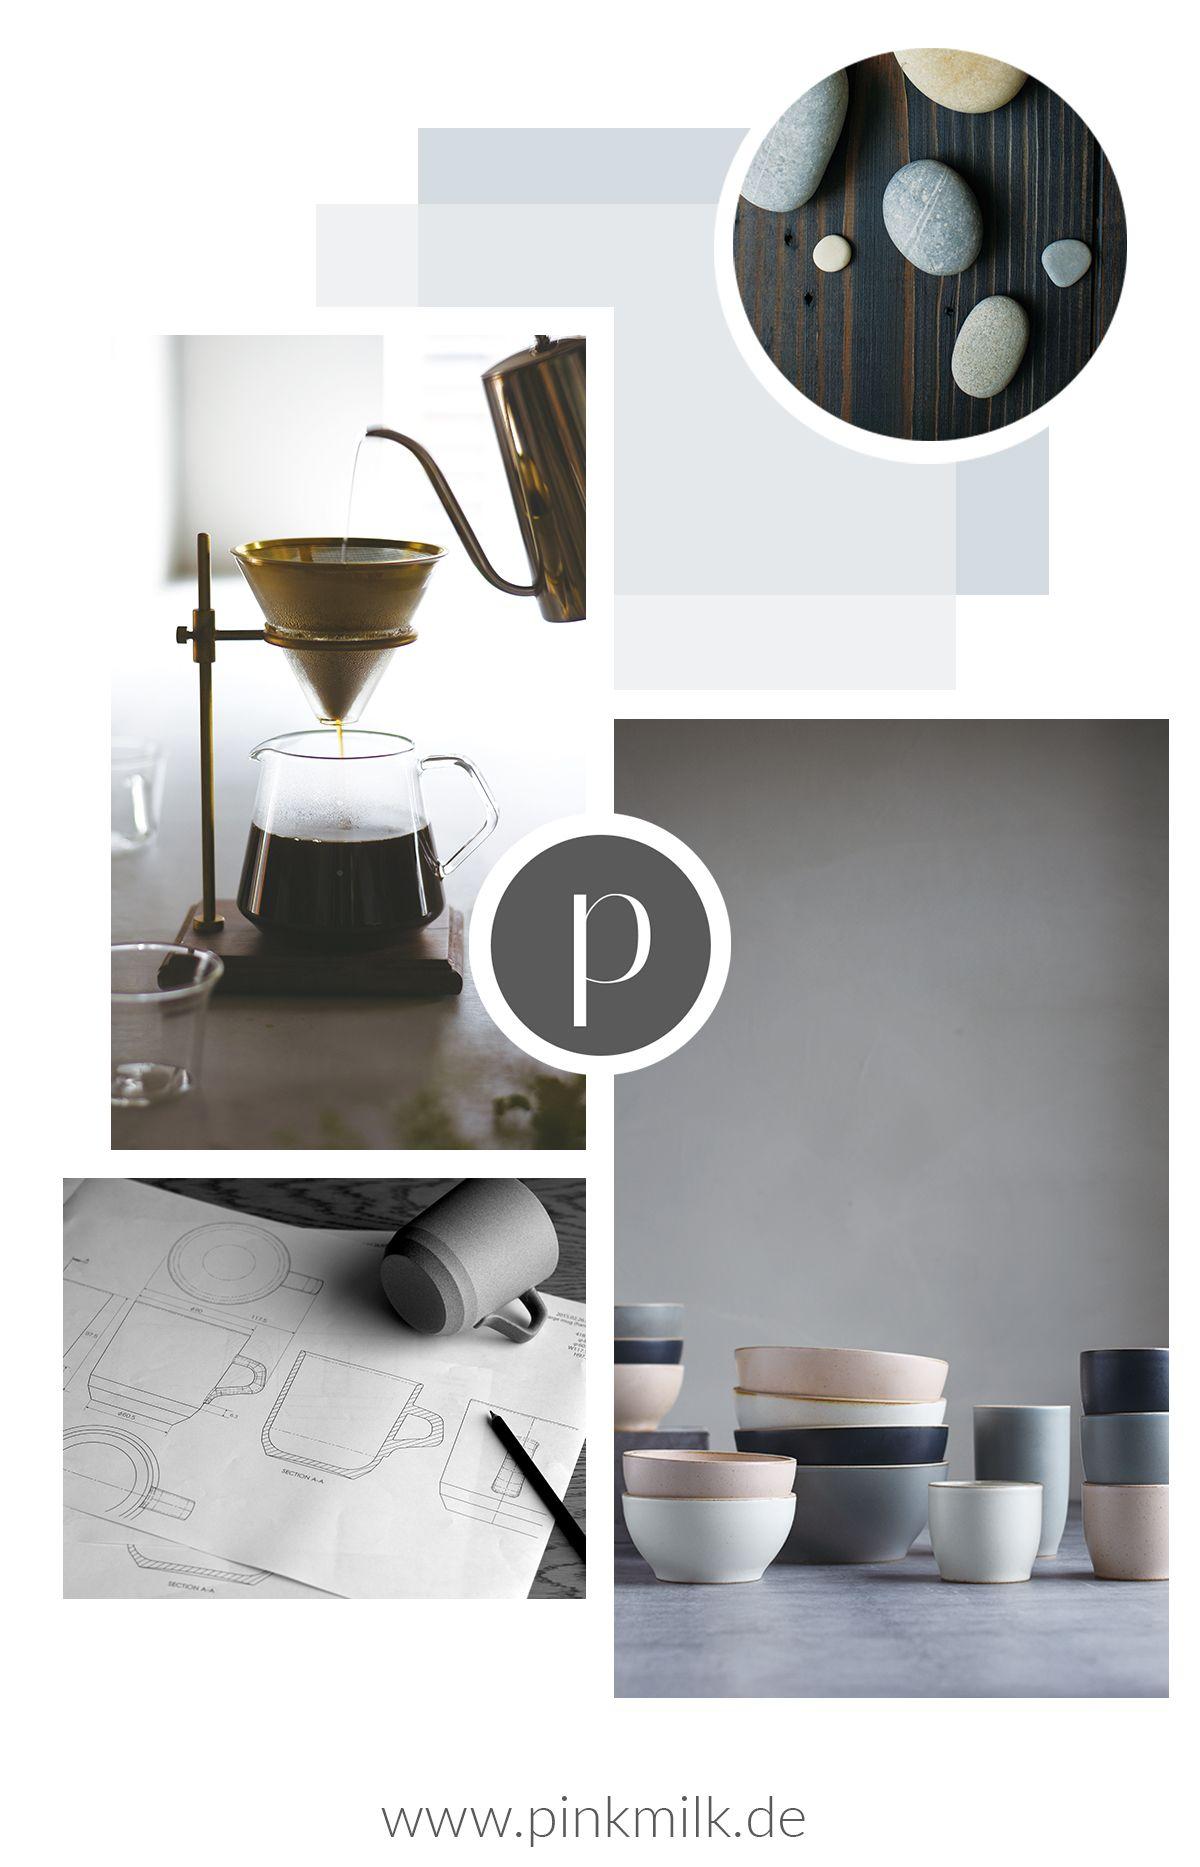 Hochwertig Mit Kinto Bringst Du Den Minimalistischen Stil In Deine Wohnung! Die